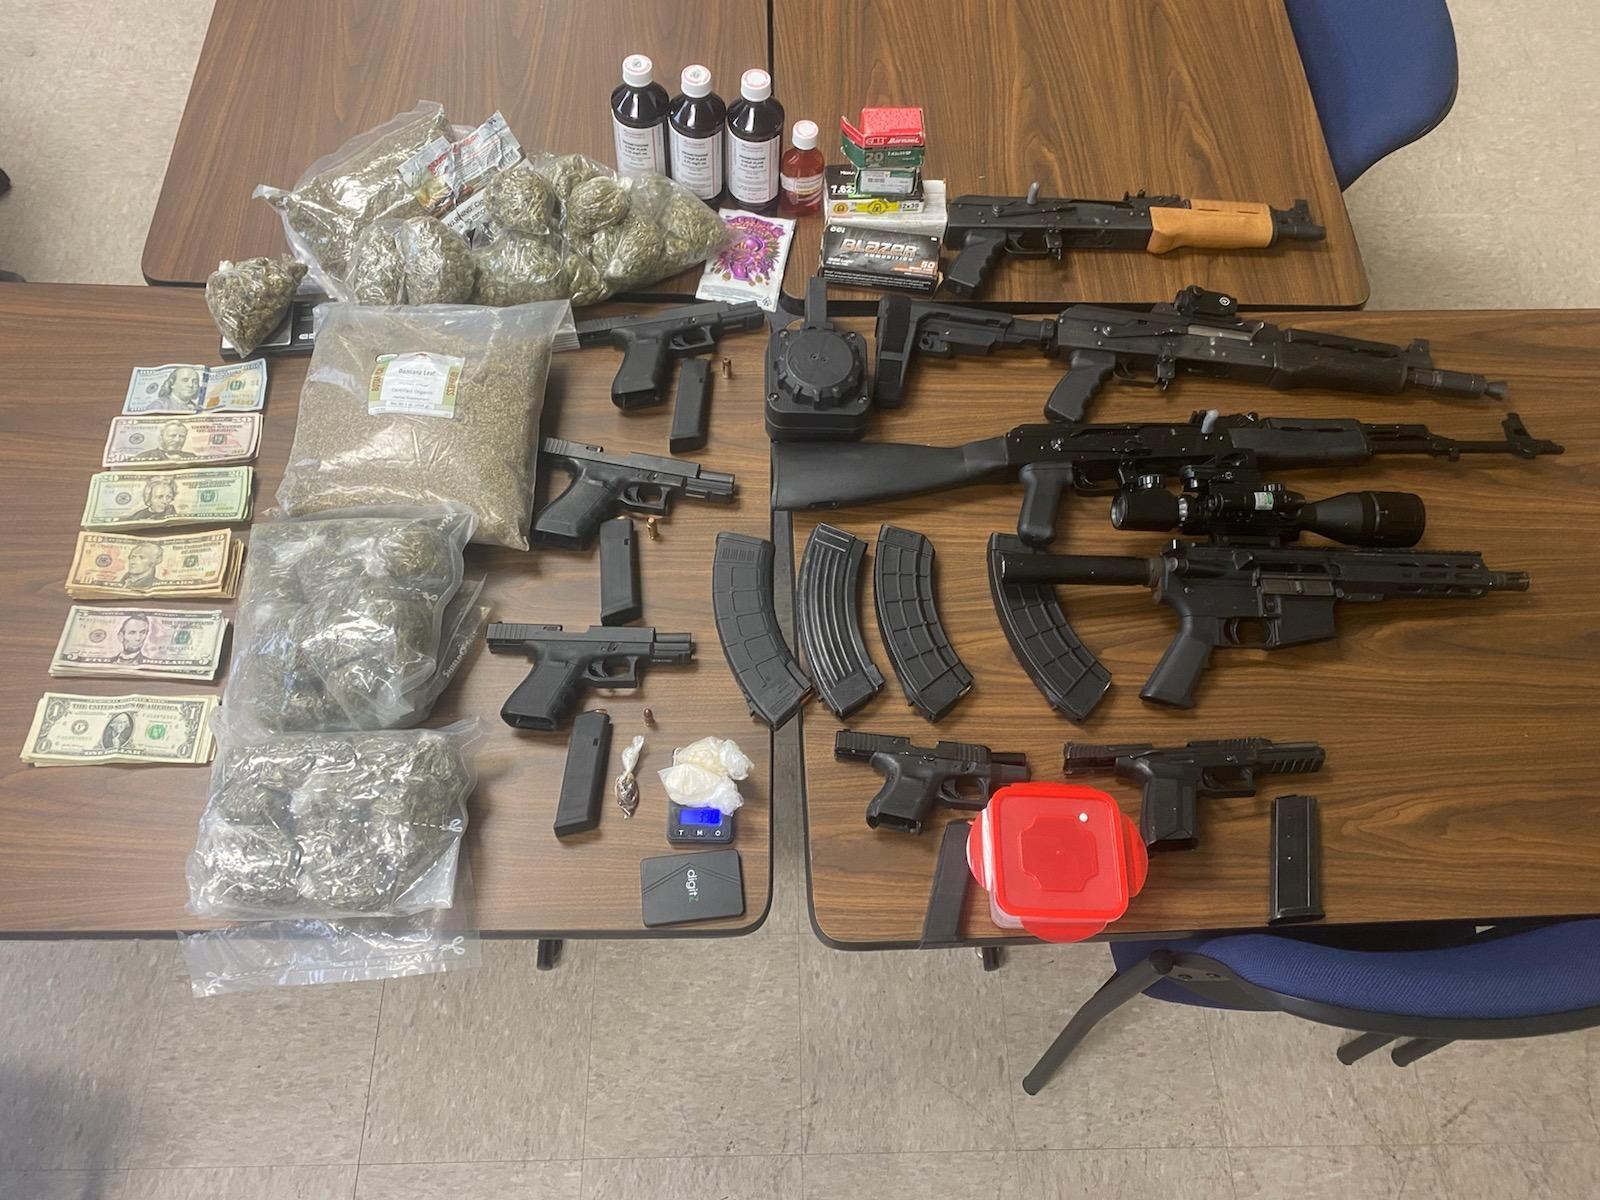 Prichard Alabama drug arrest